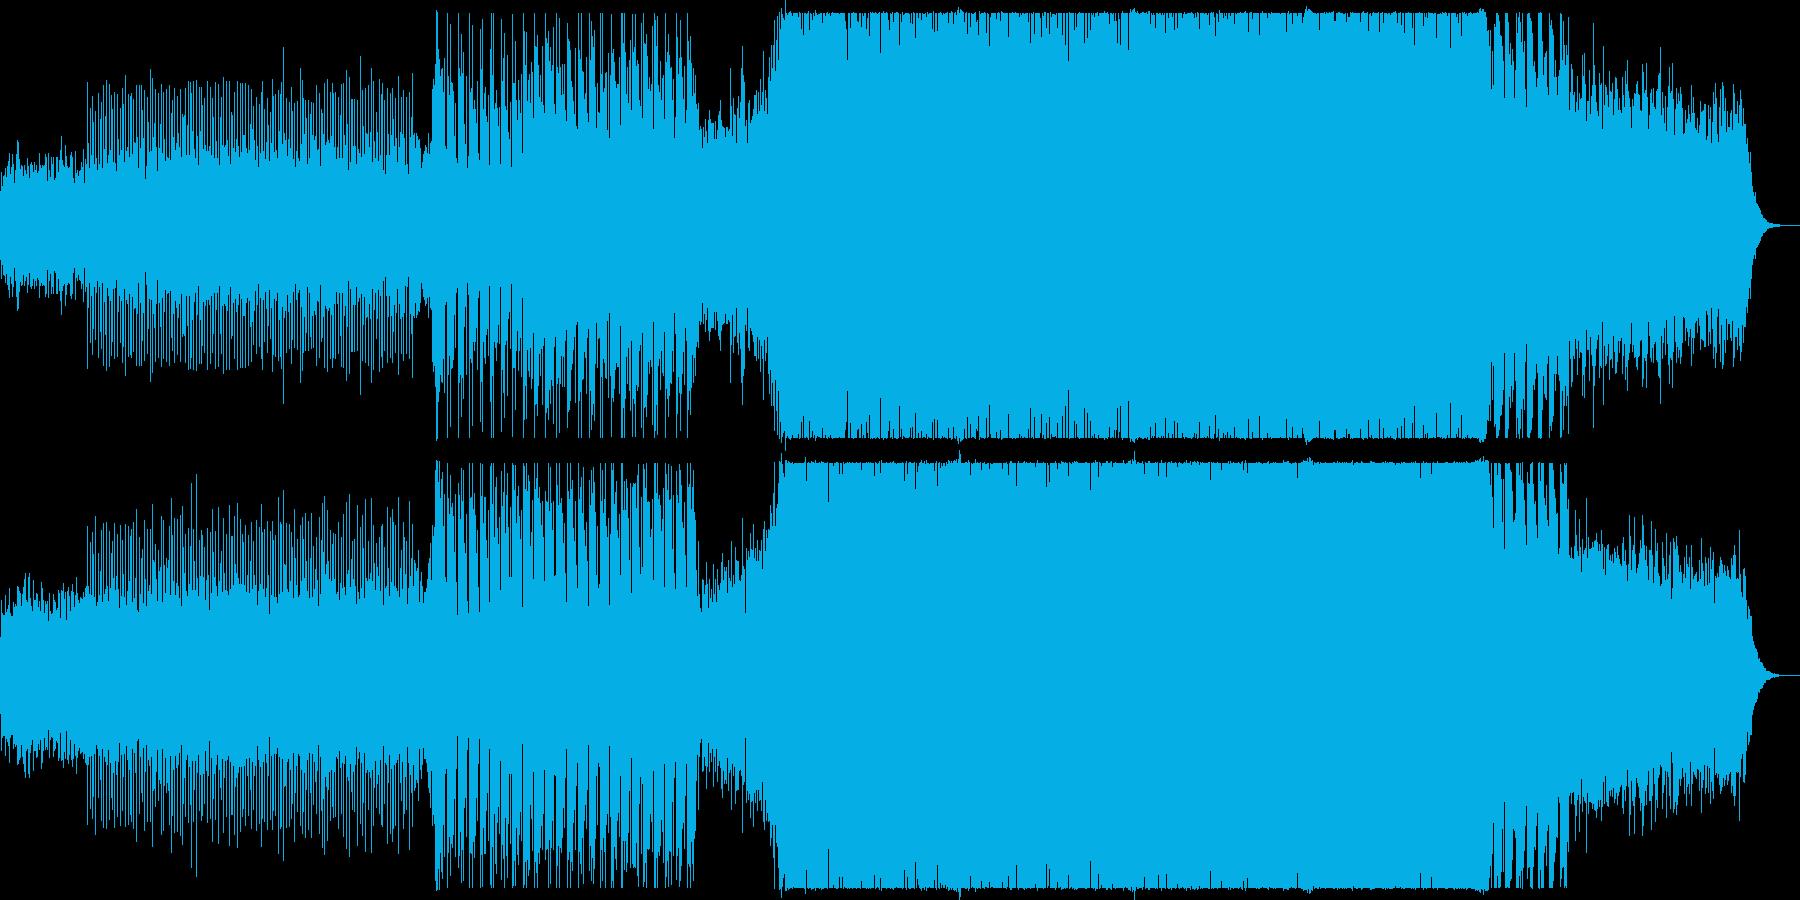 どこか哀愁漂うピアノテクノの再生済みの波形